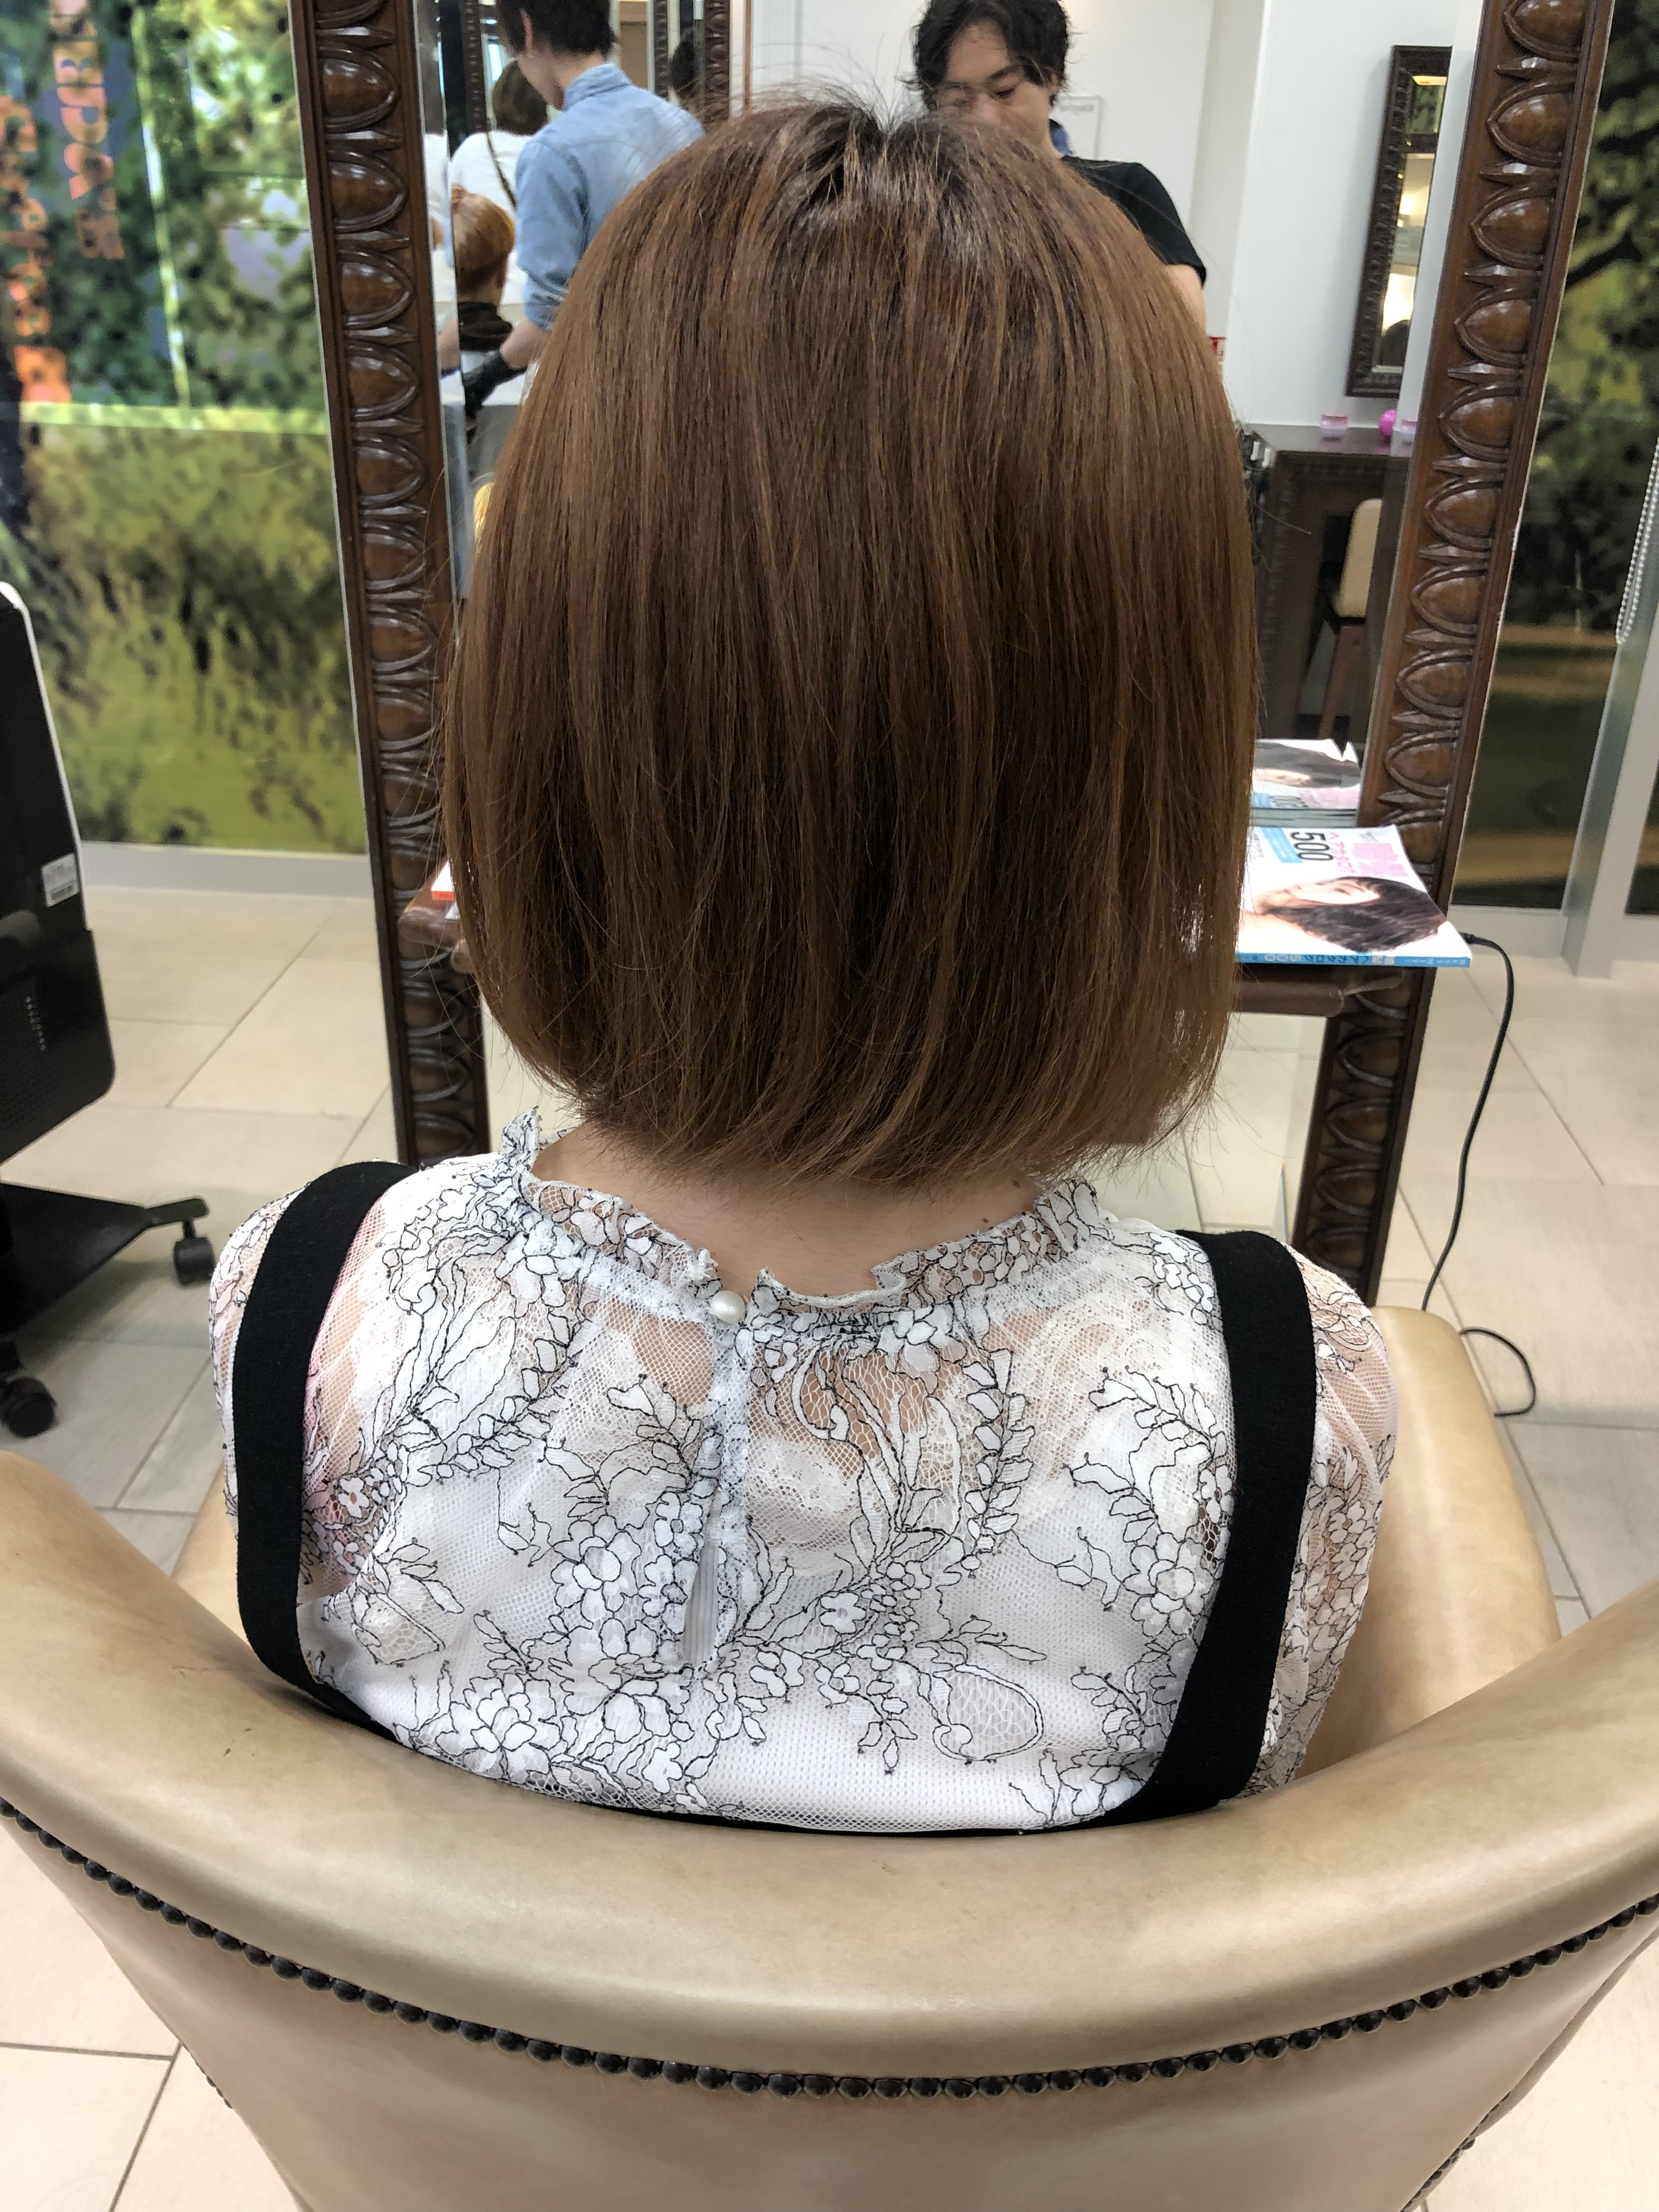 乾燥してクセで膨らむ髪には外ハネショートが良い感じ